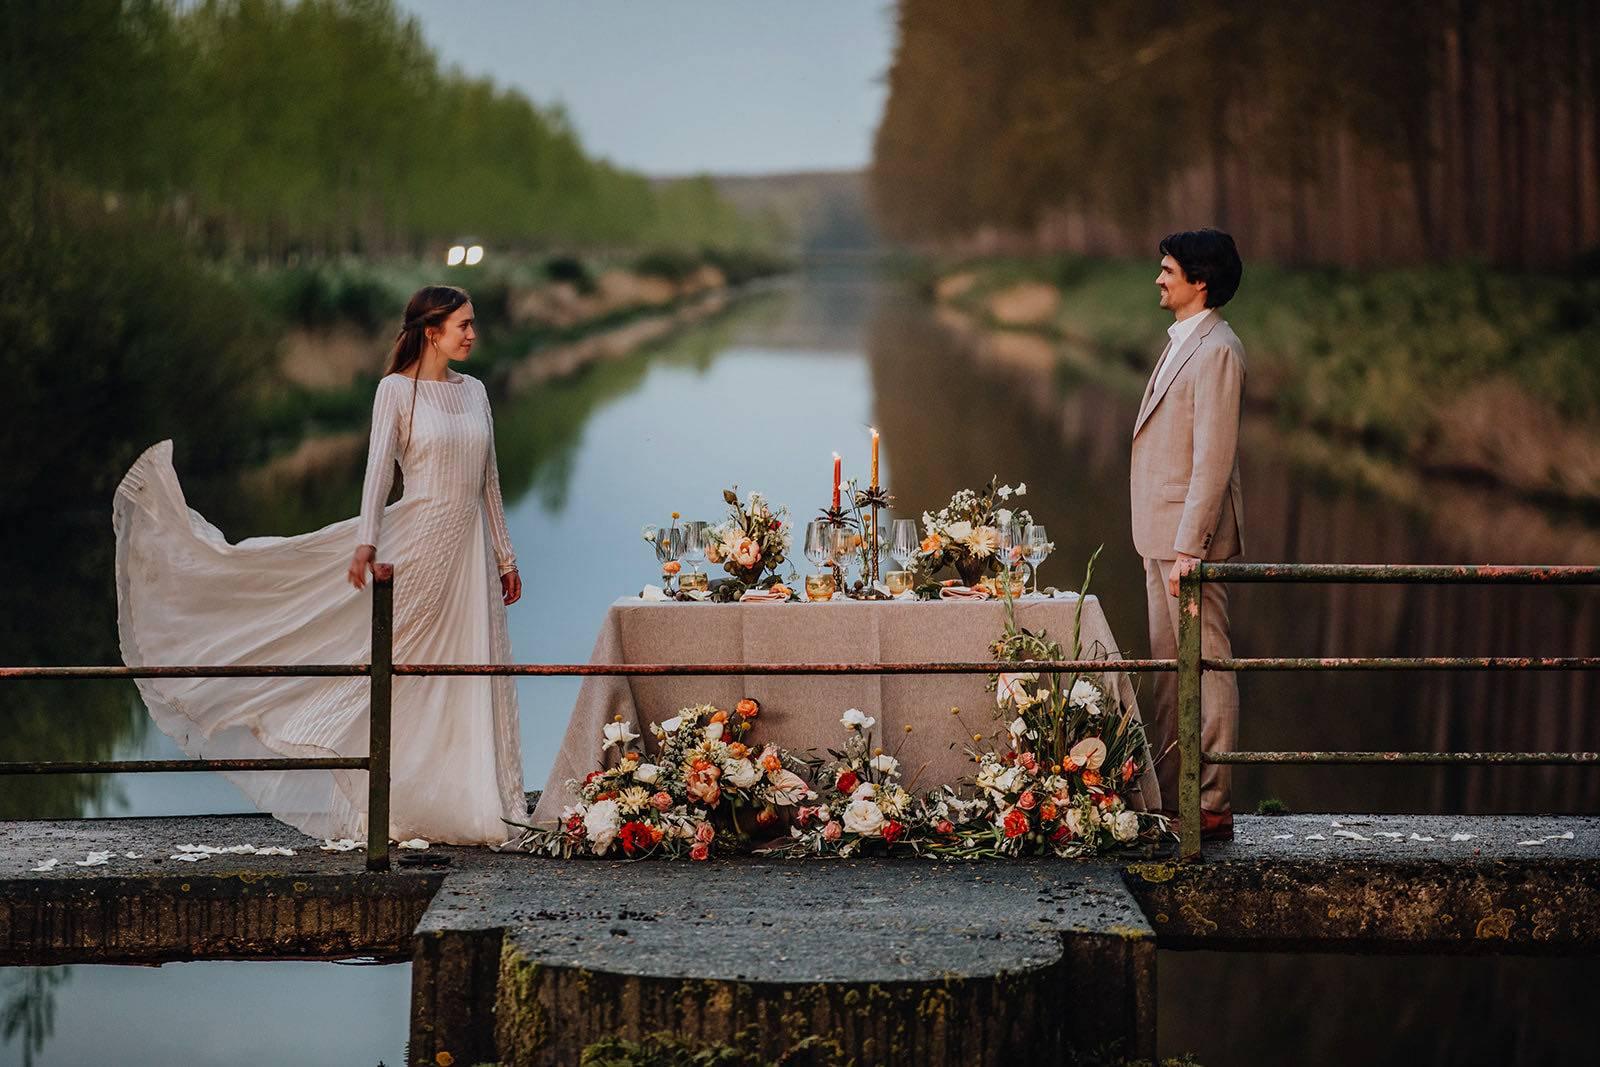 VIVA Blooming - lux visual 4 - House of Weddings